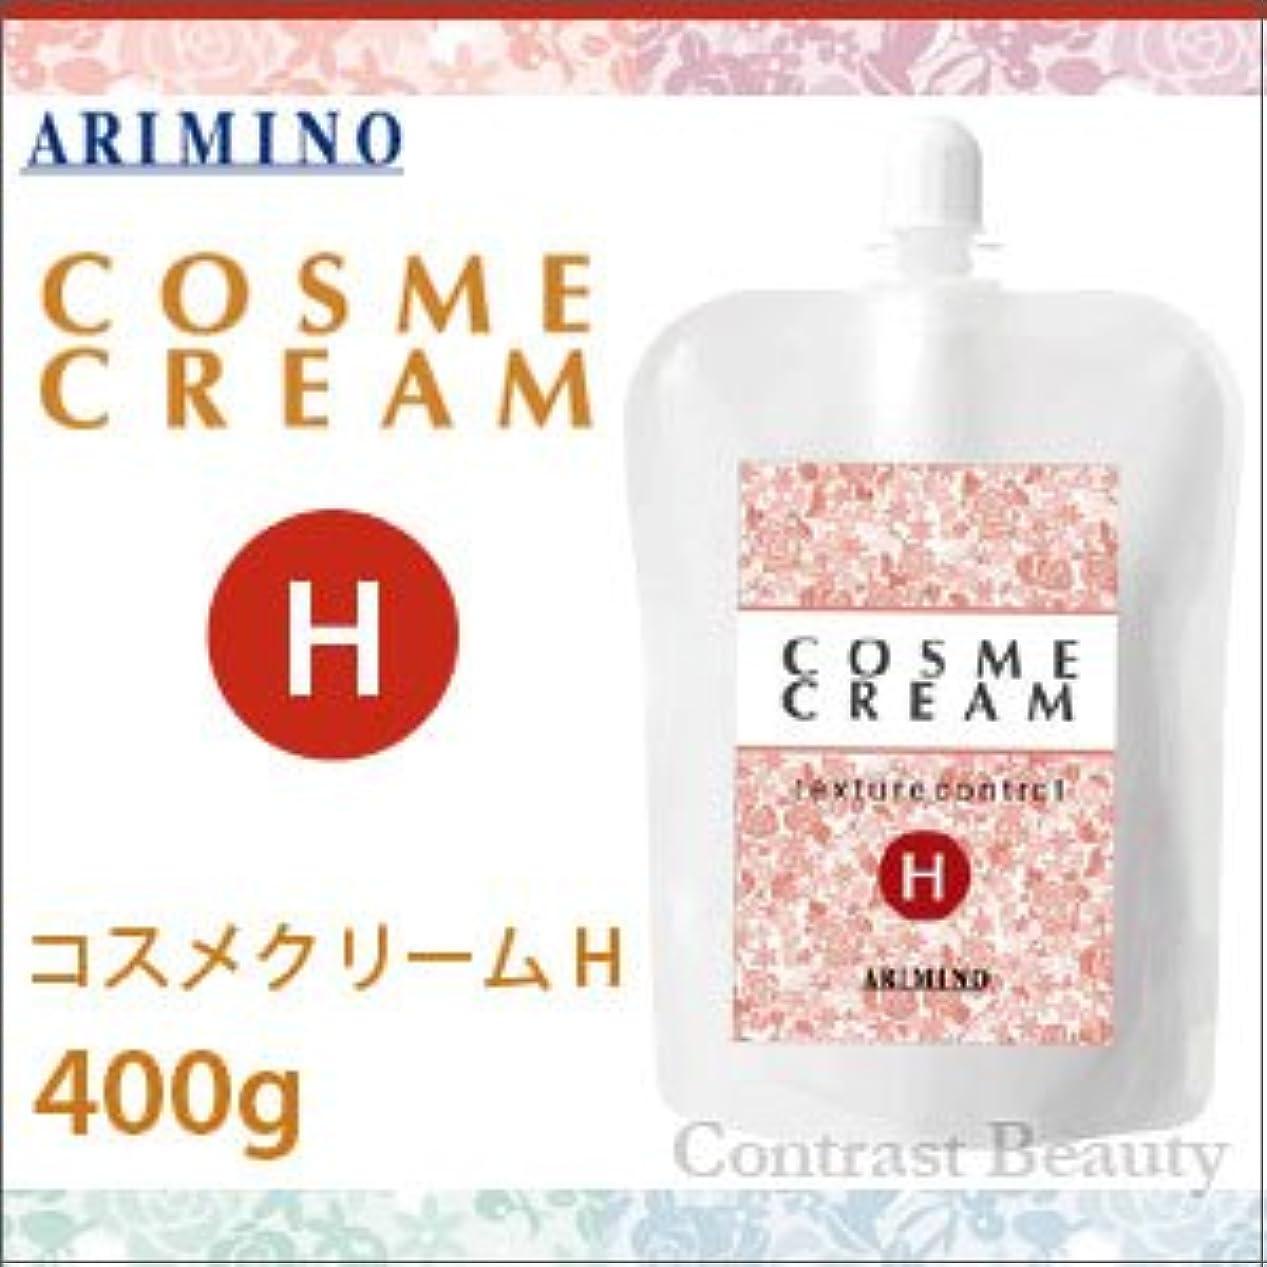 ツーリスト一般最大アリミノ コスメクリーム H 400g